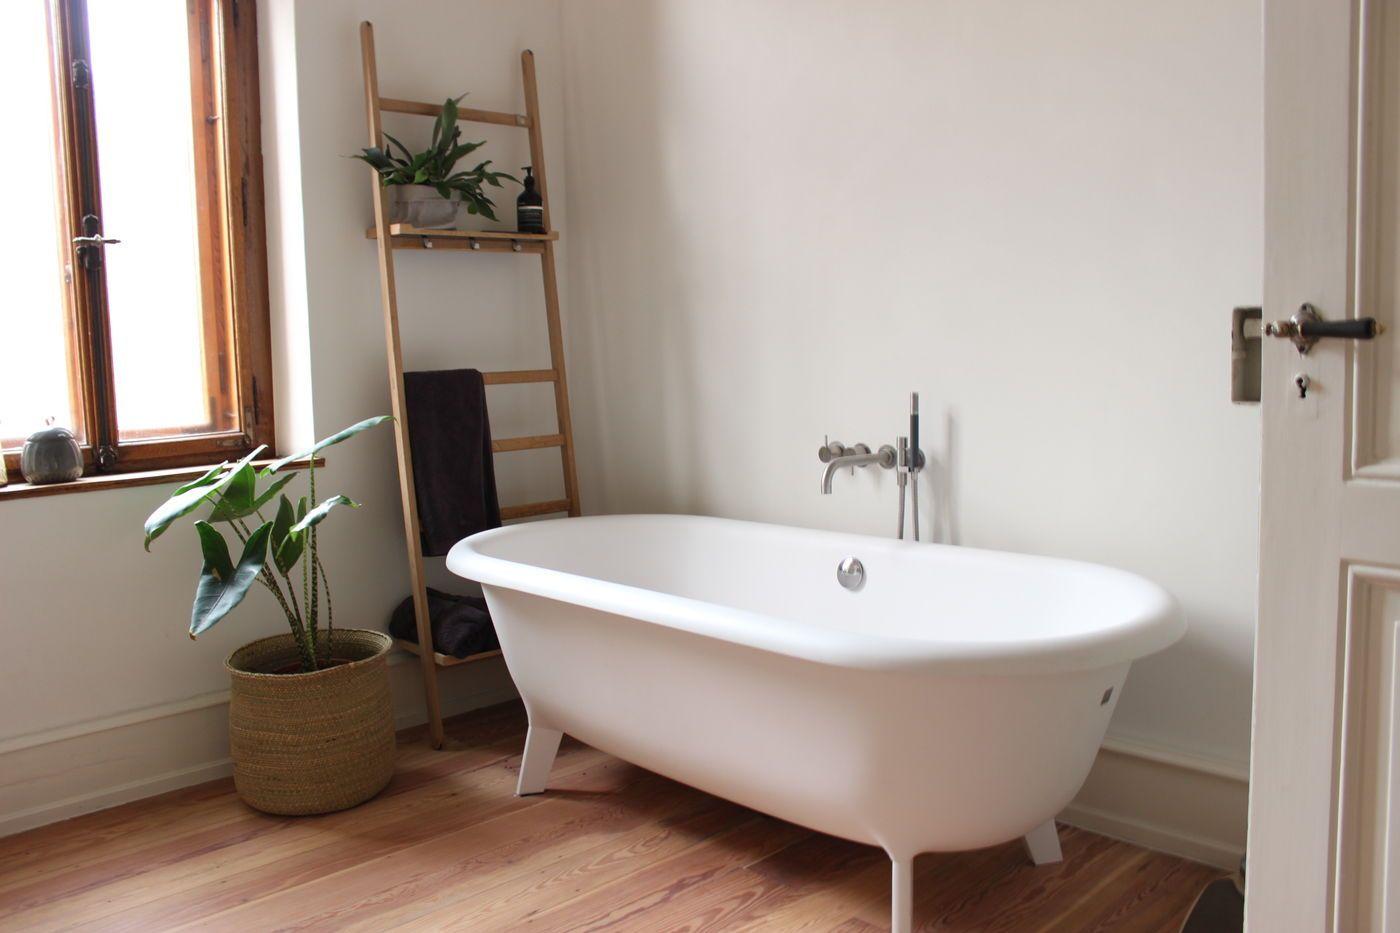 Charmant Retro Badezimmer Zeitgenössisch Die Designideen für